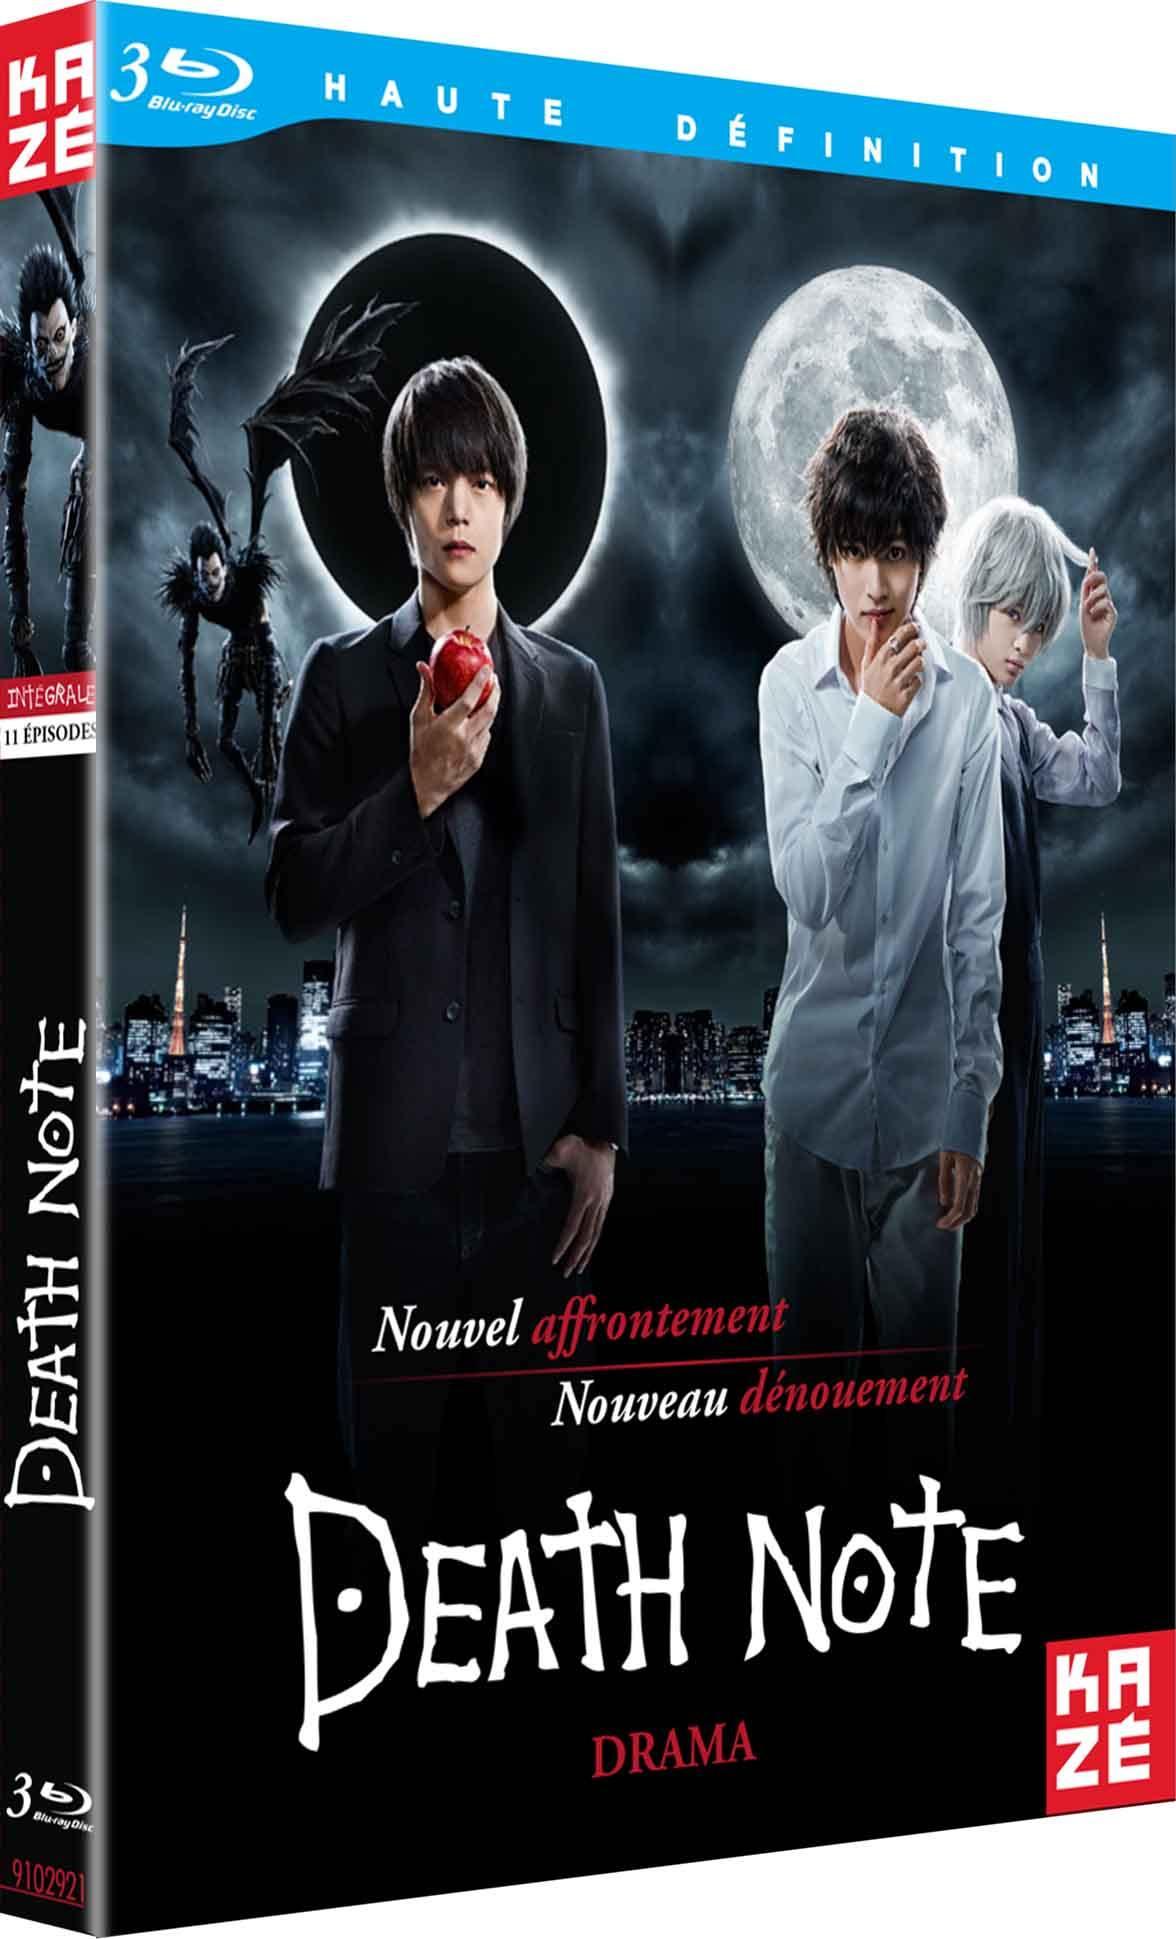 Death note - le drama - integrale serie - 3 blu-ray